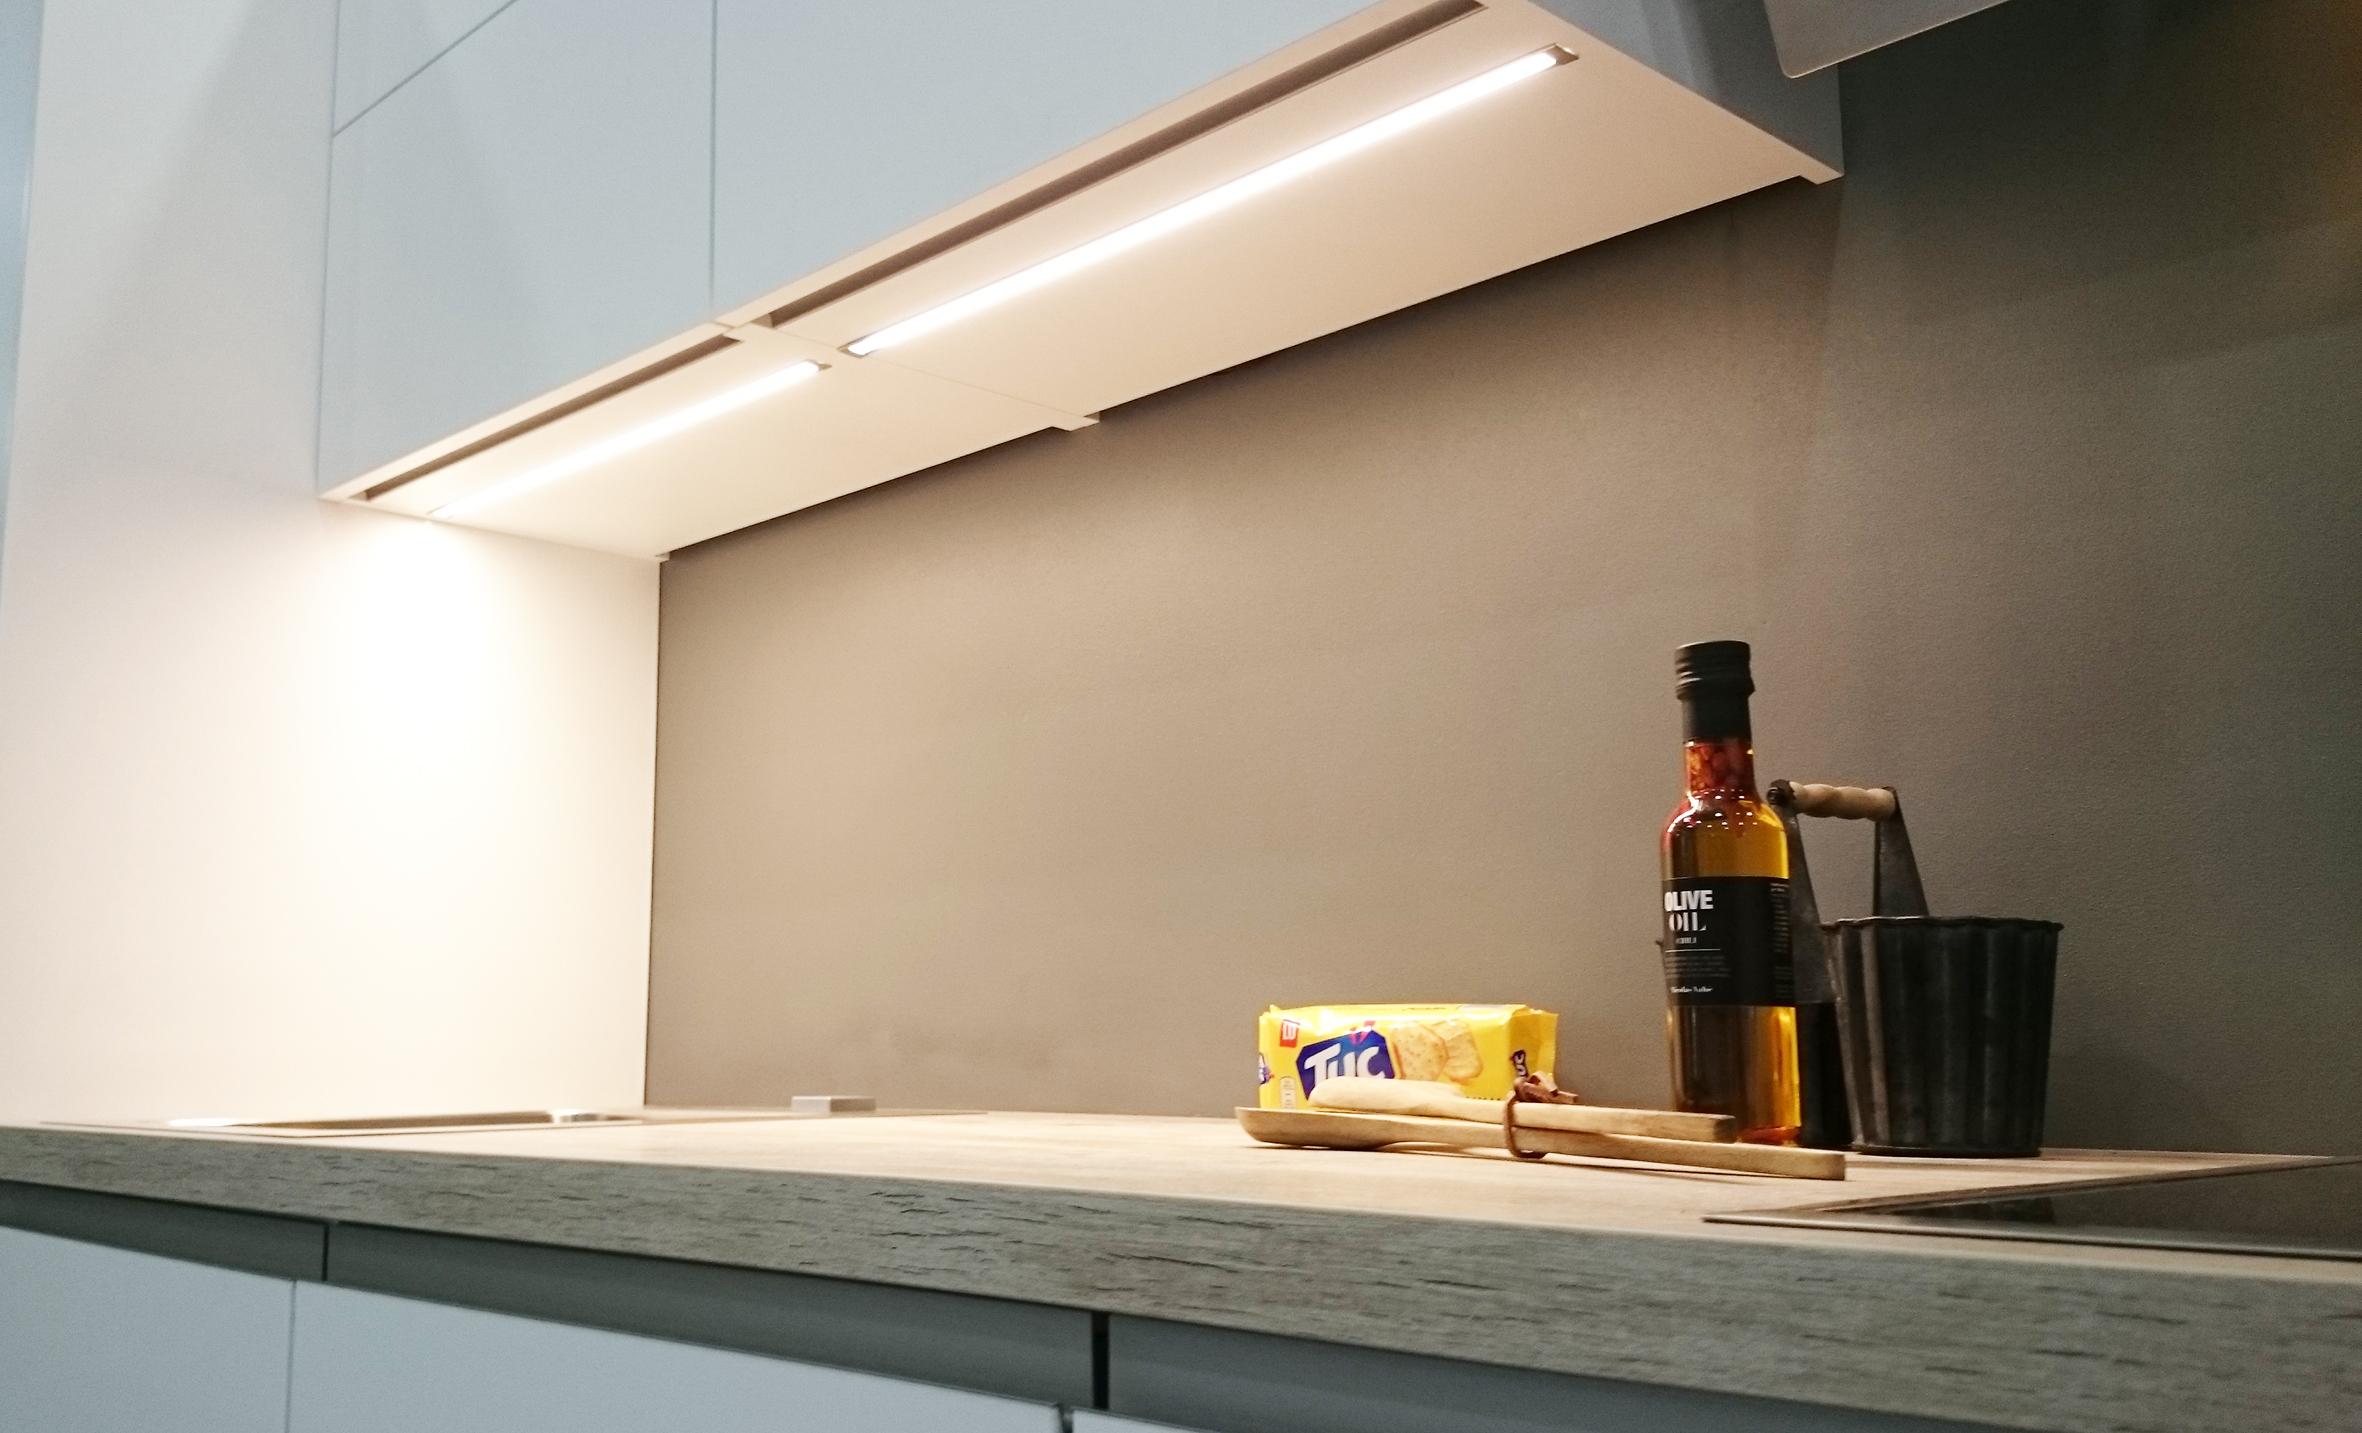 LED nauhaa voidaan käyttää keittiökalusteessa alumiiniprofiiliin upotettuna.